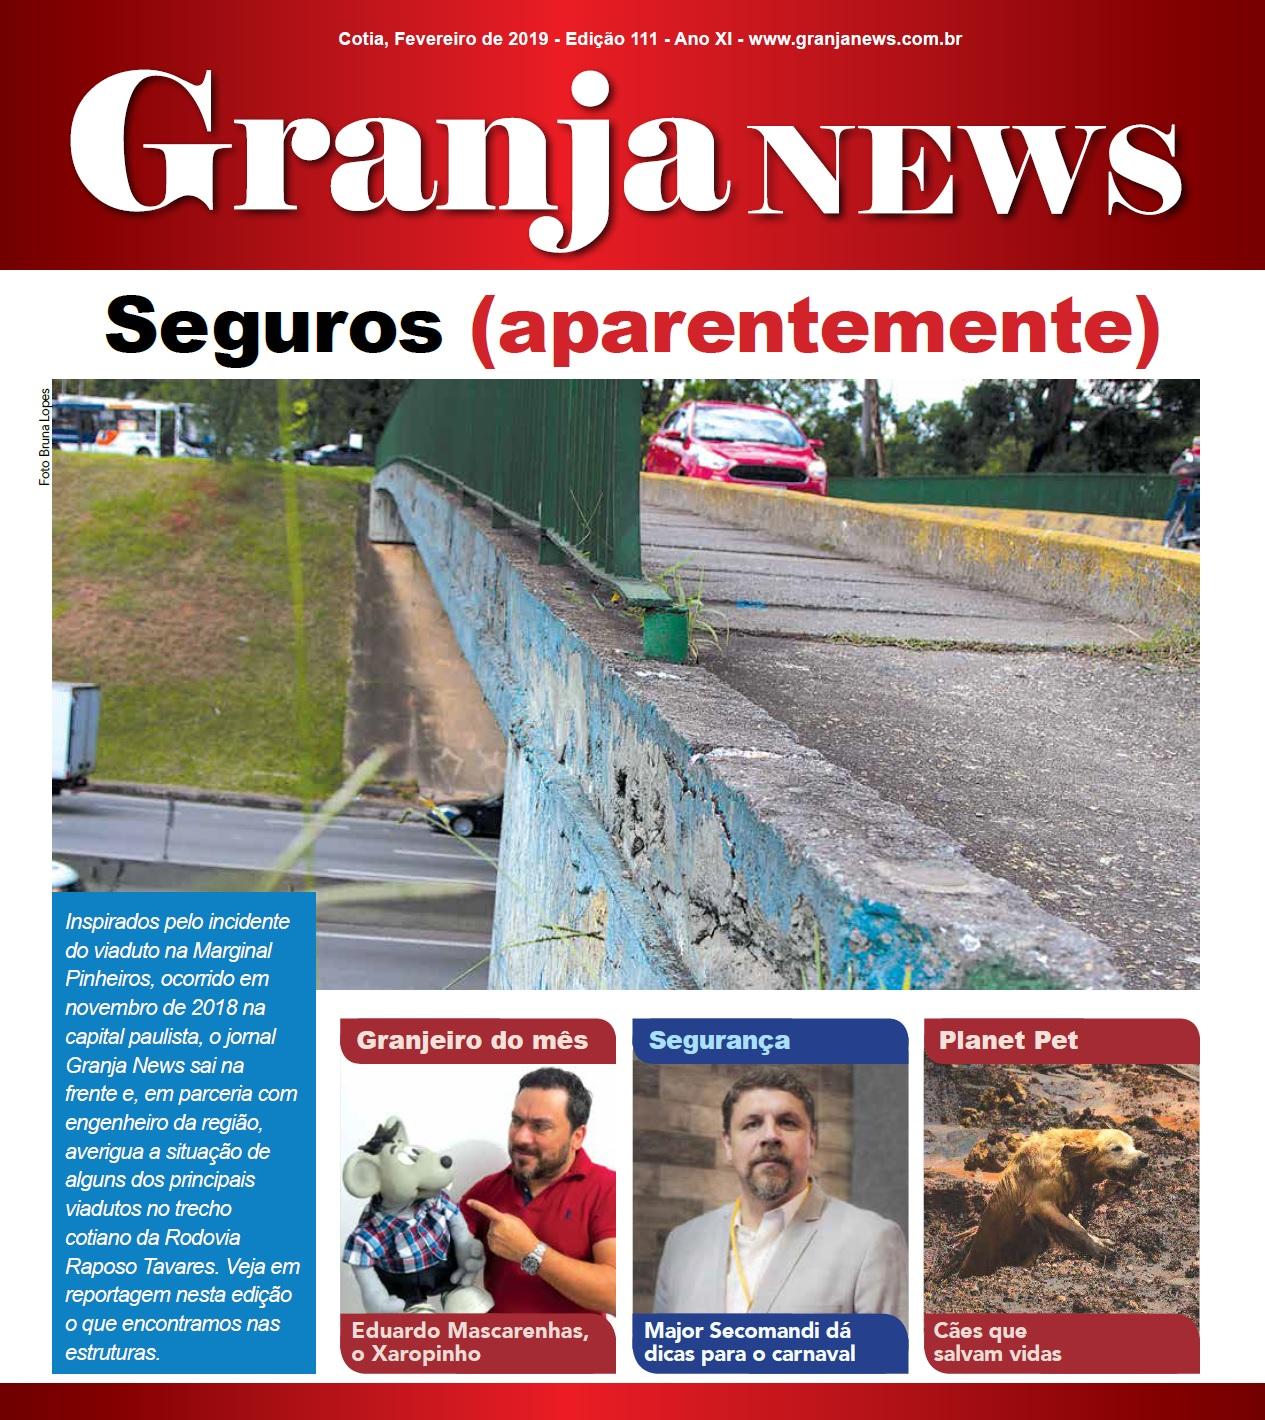 capa da edição 111 do jornal Granja News